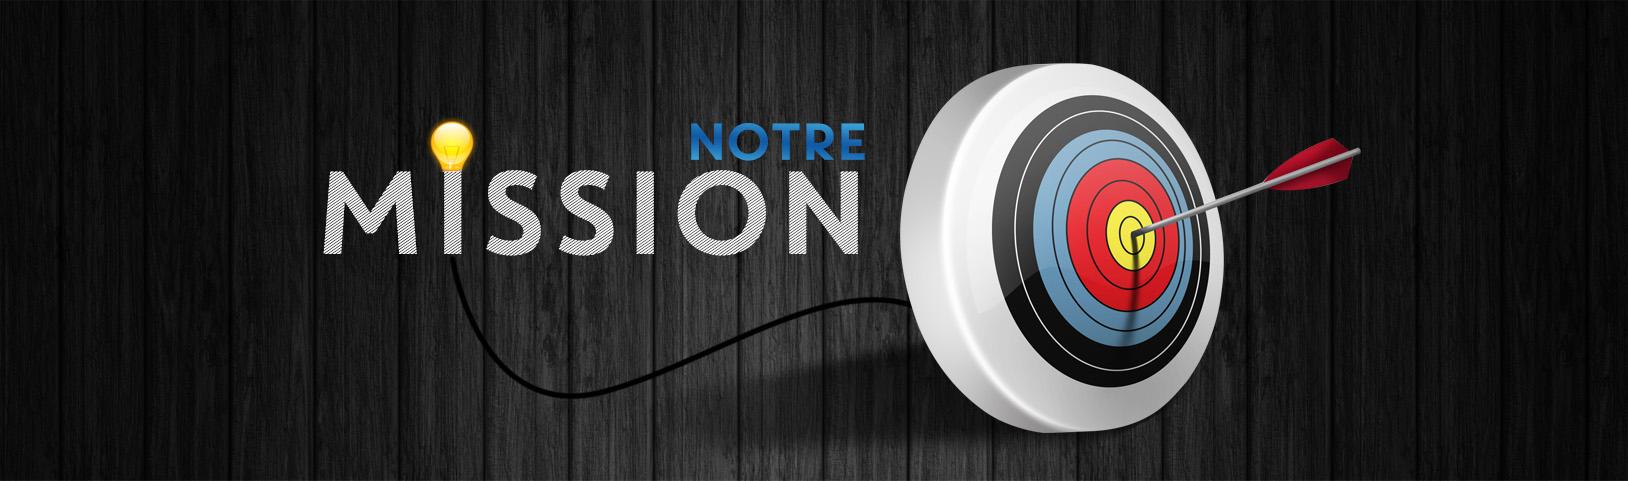 mission-banner-fr